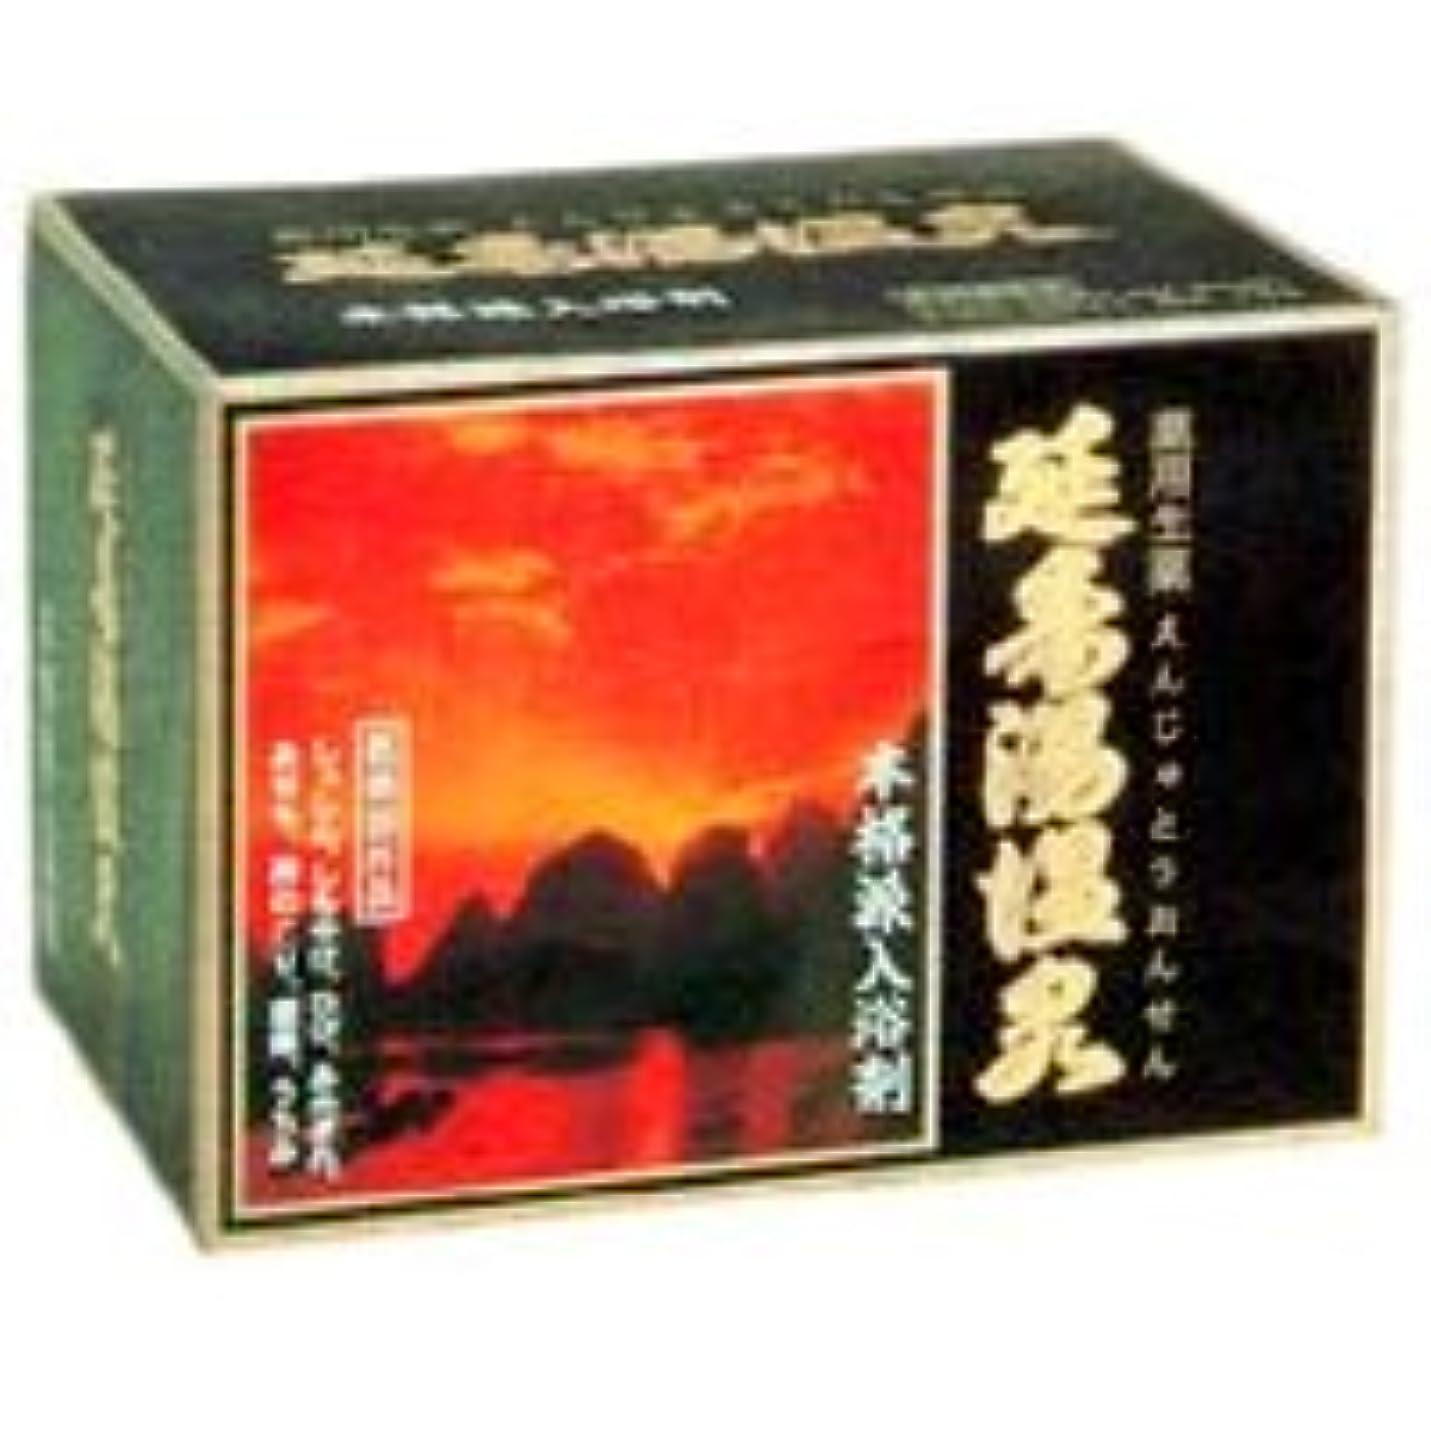 たくさんアンデス山脈香水入浴剤 延寿湯温泉(えんじゅとう)12包入×3箱+5包おまけ 天然生薬配合 医薬部外品